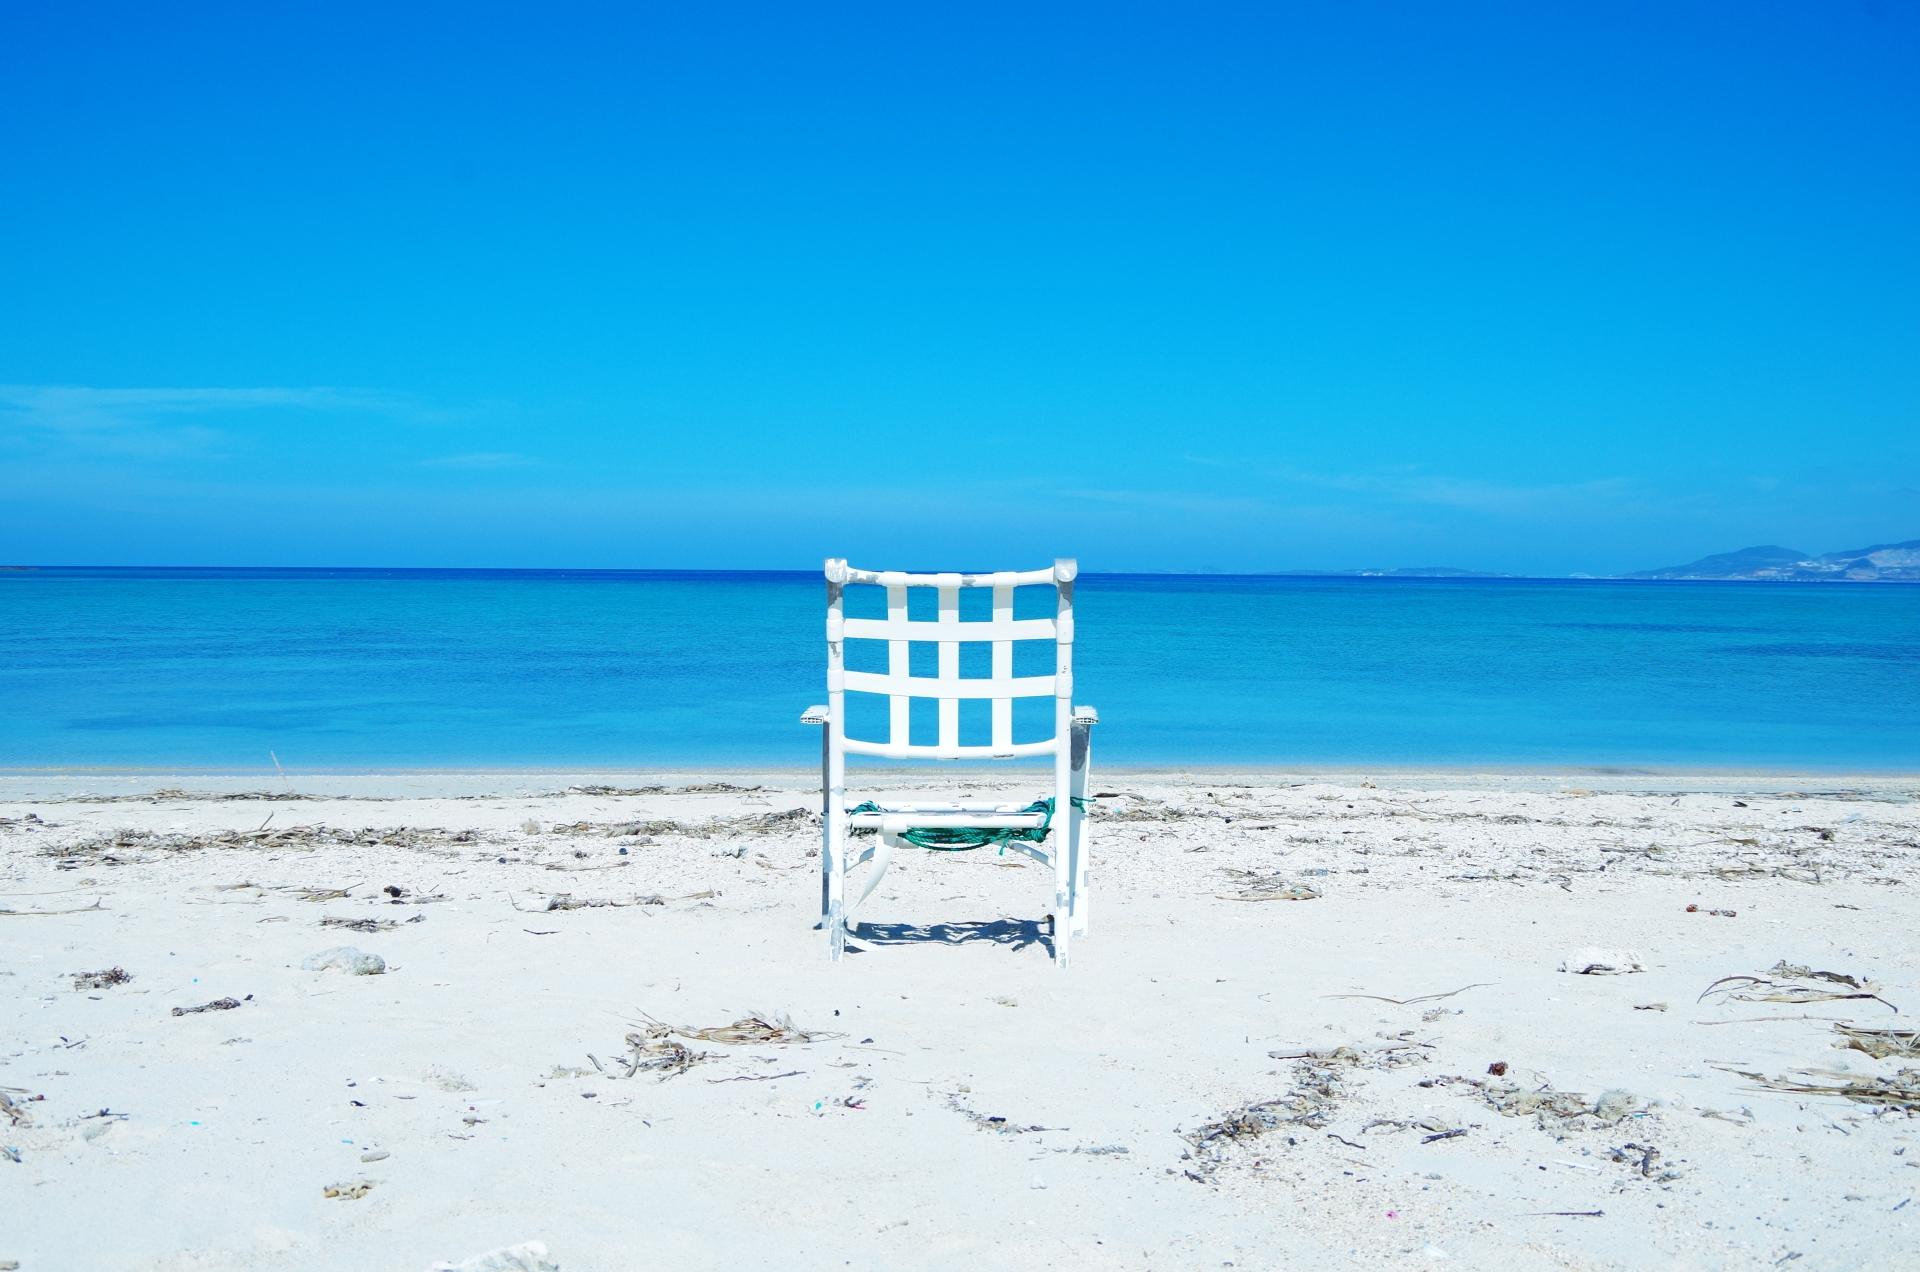 沖縄旅行子連れオススメホテル一覧リスト